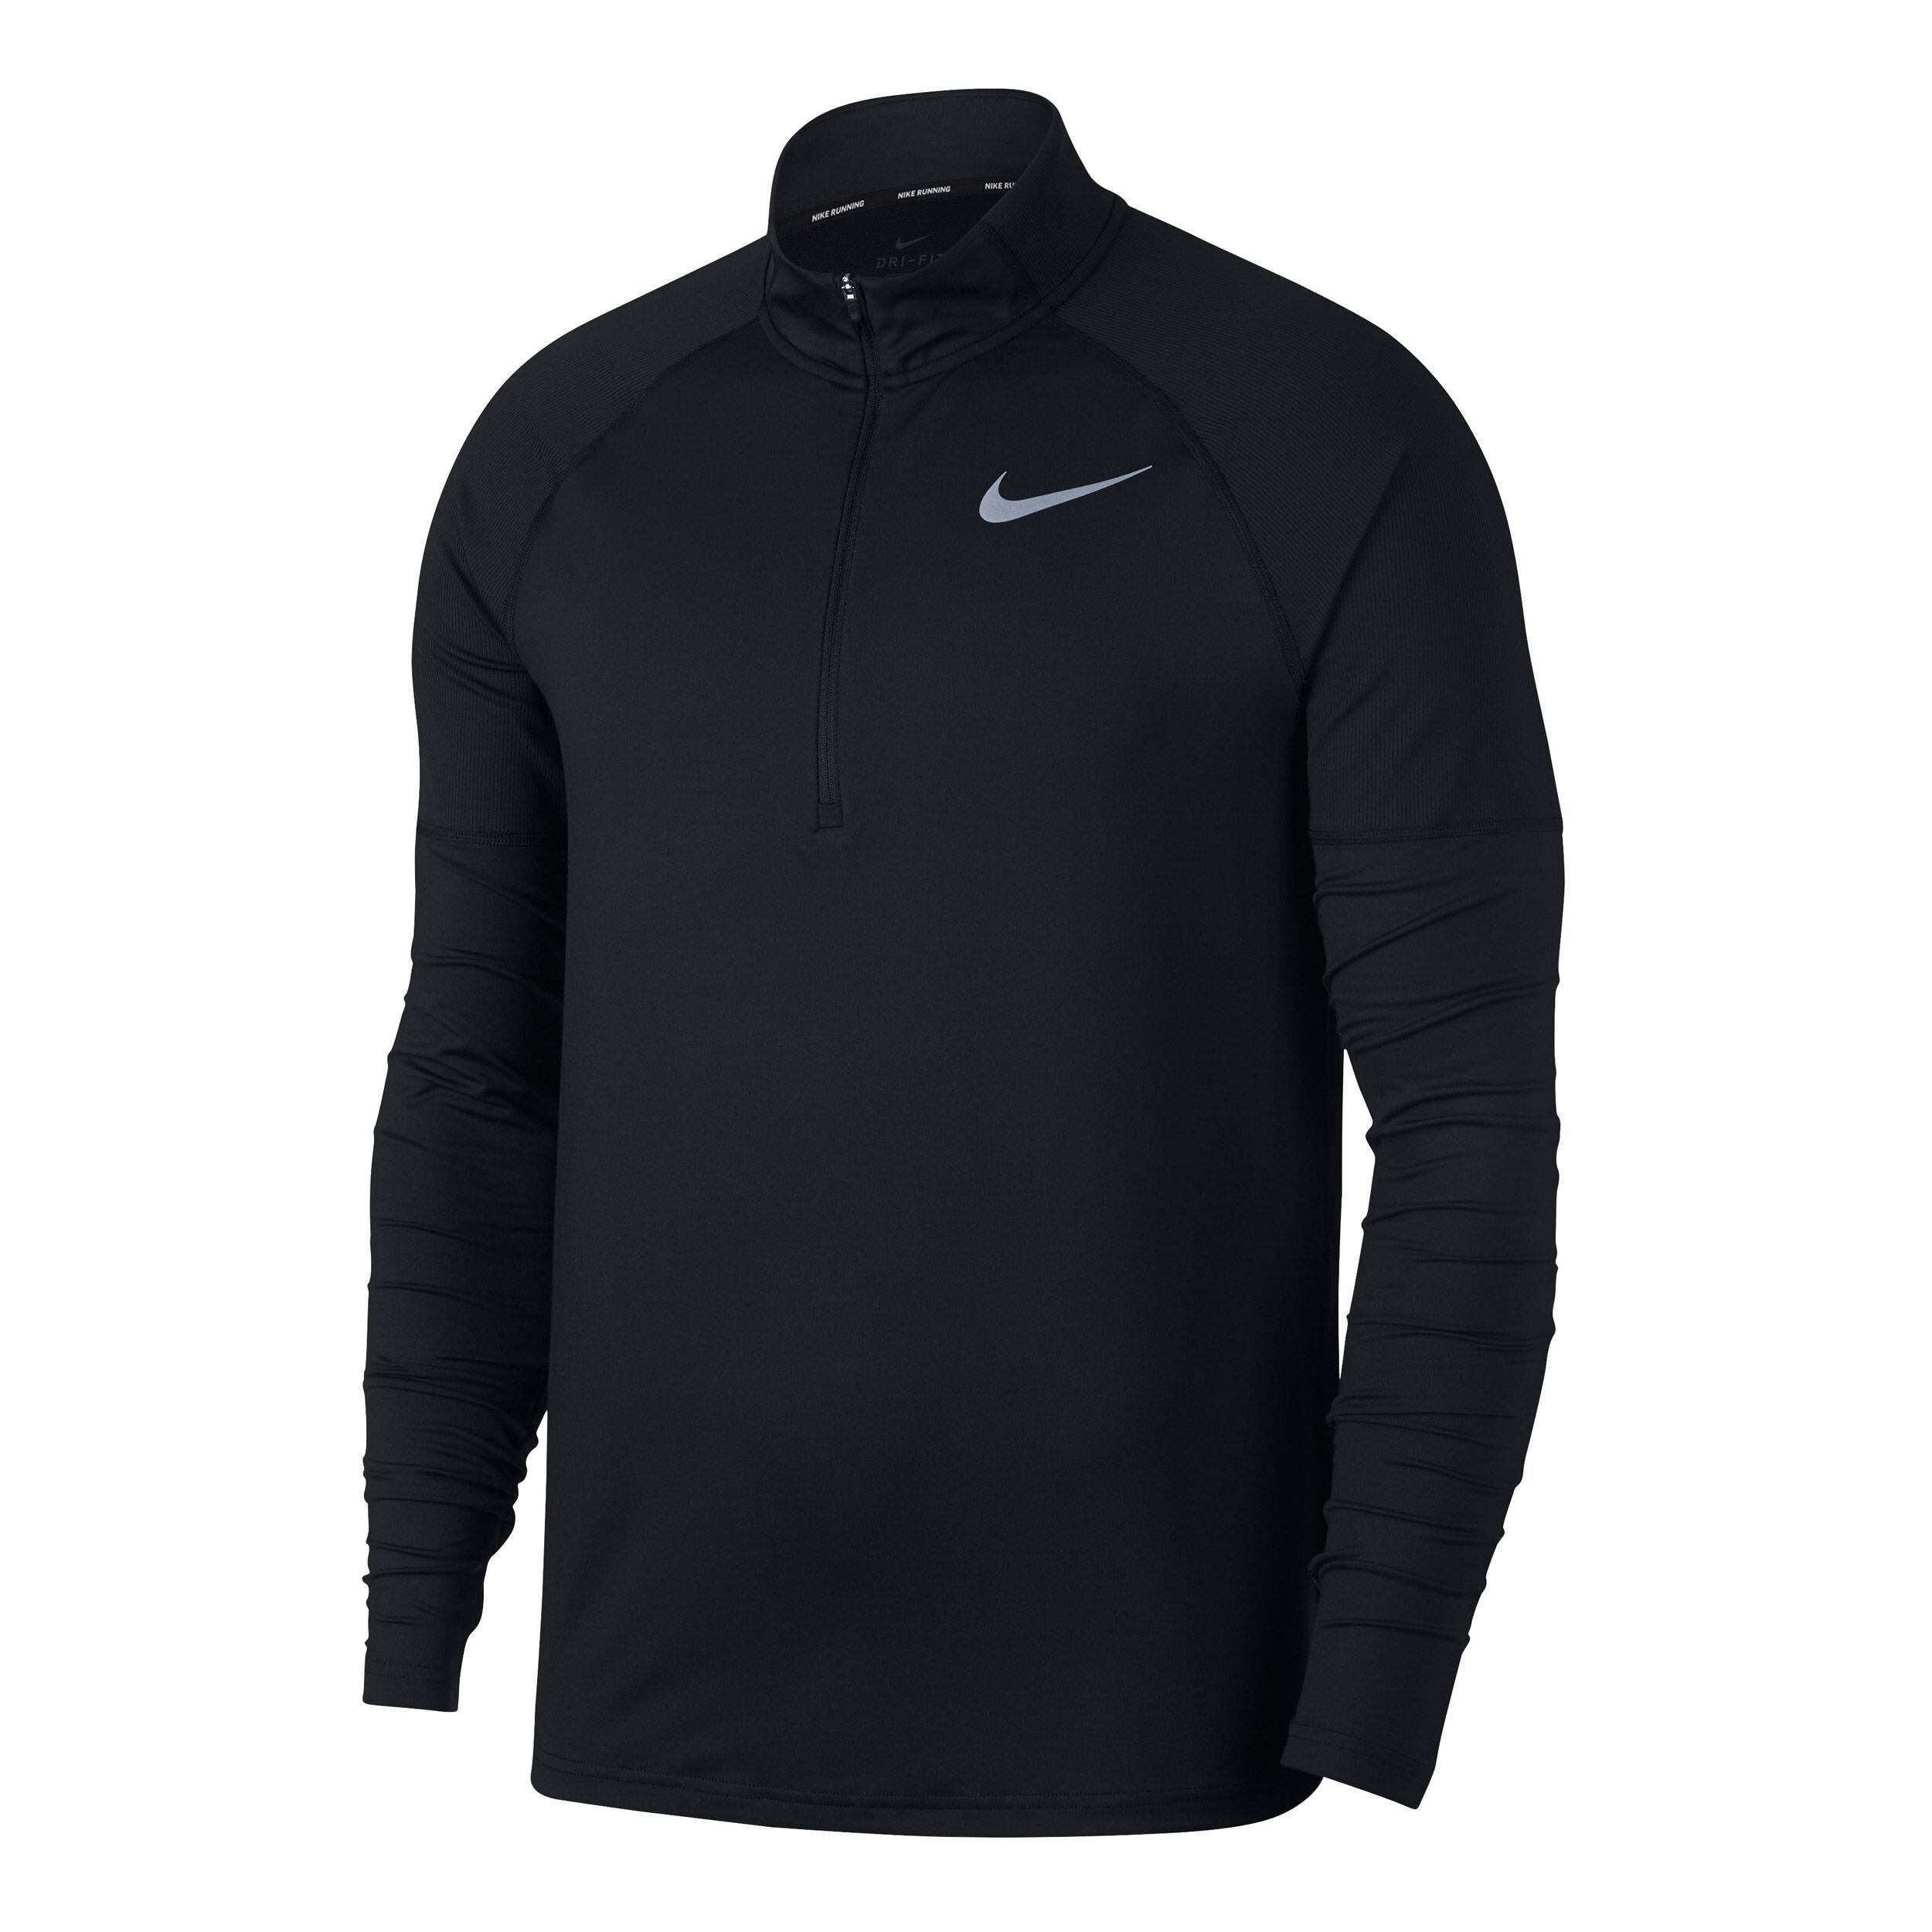 Nike jacke damen auf rechnung